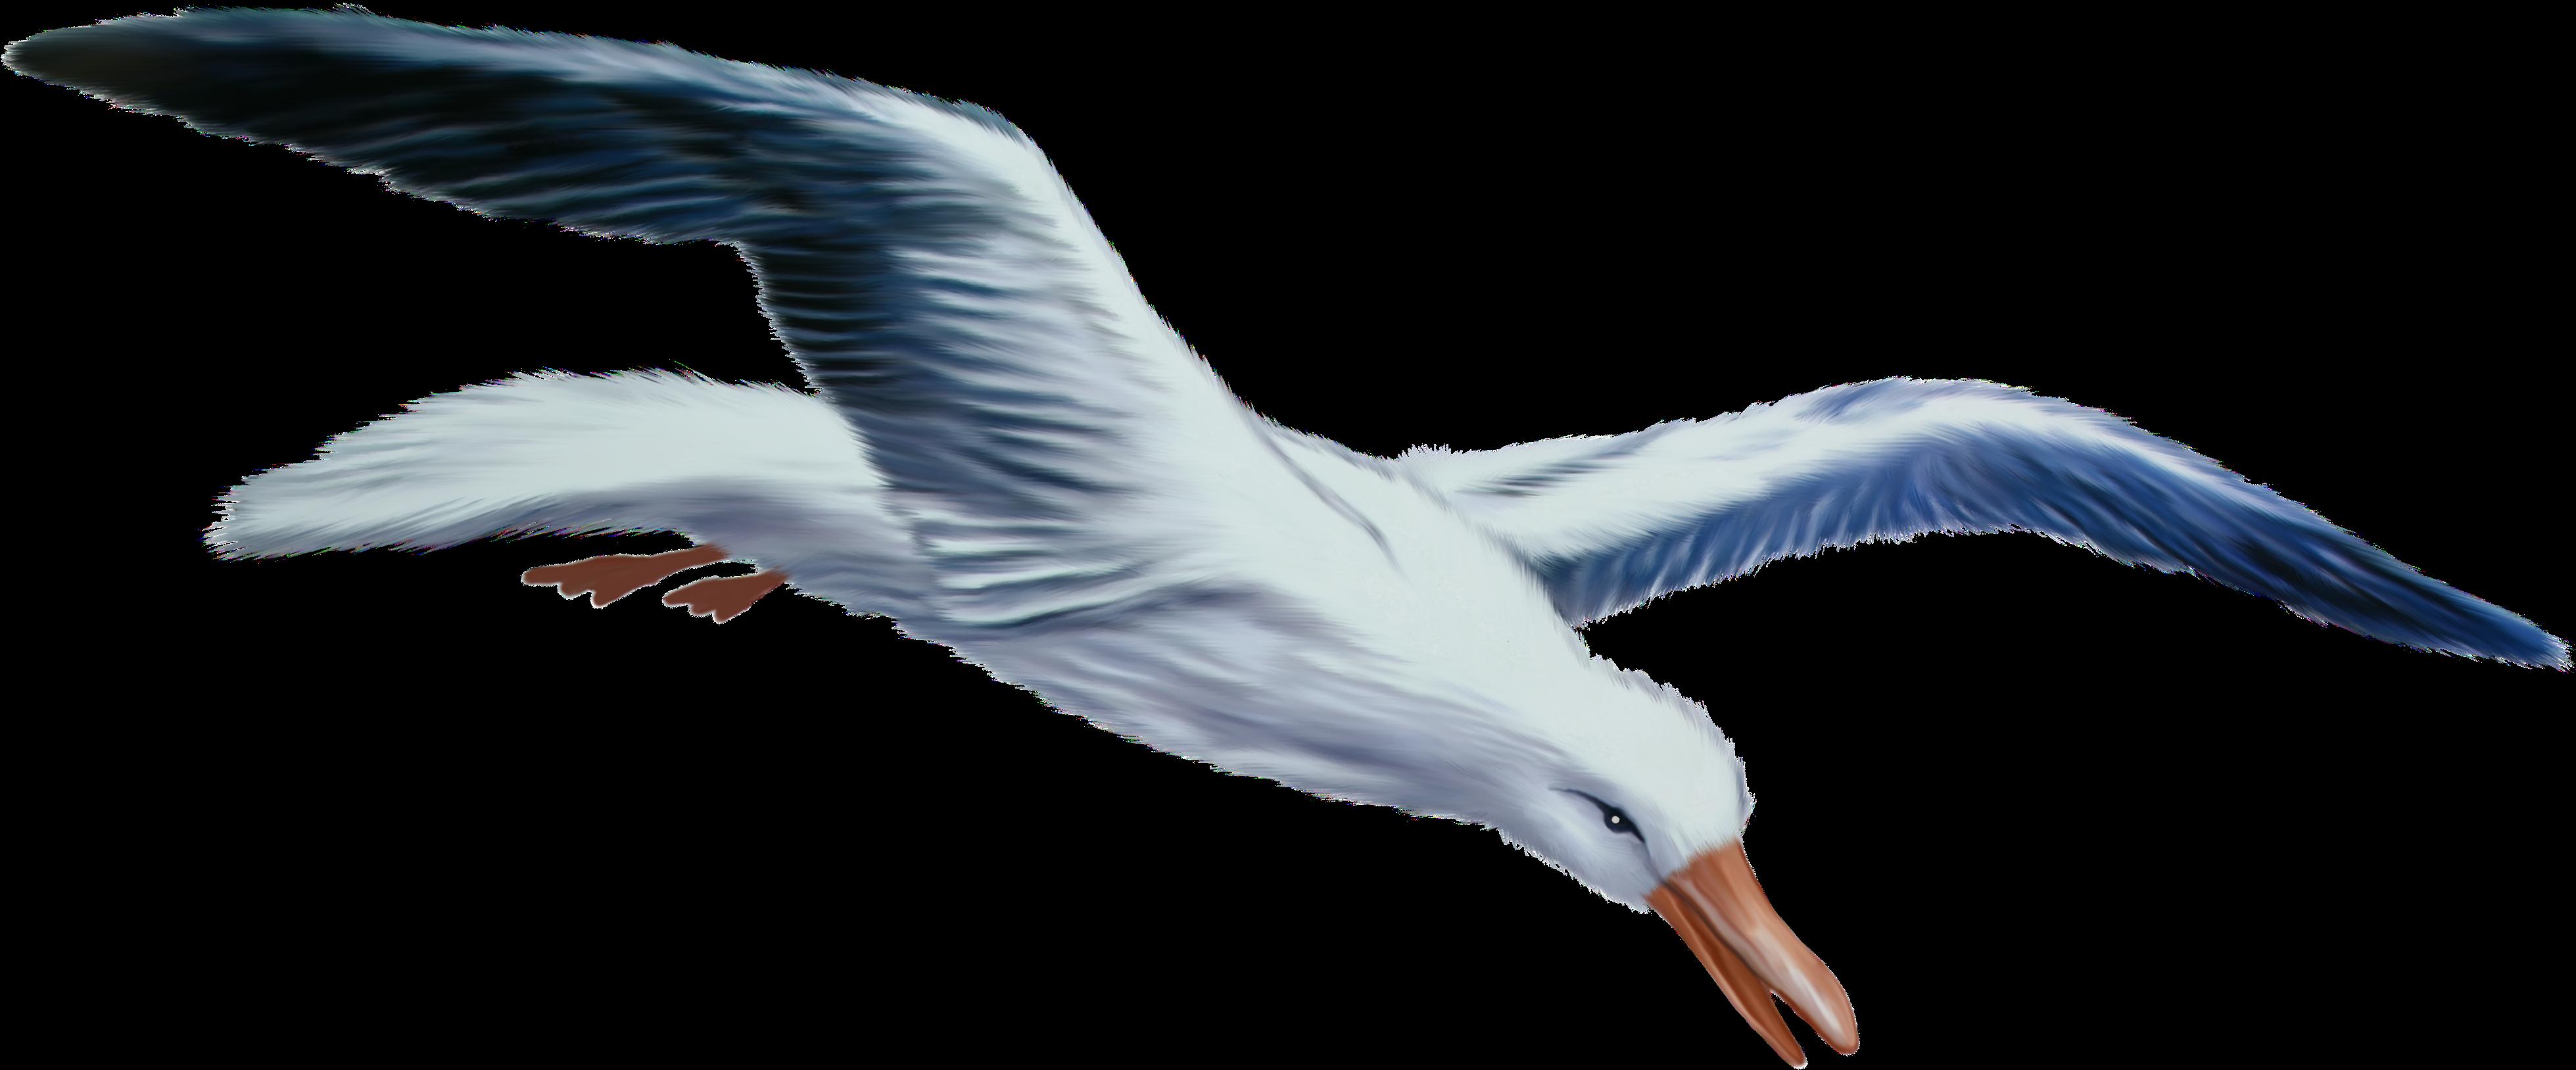 Марта, картинки чайки на прозрачном фоне